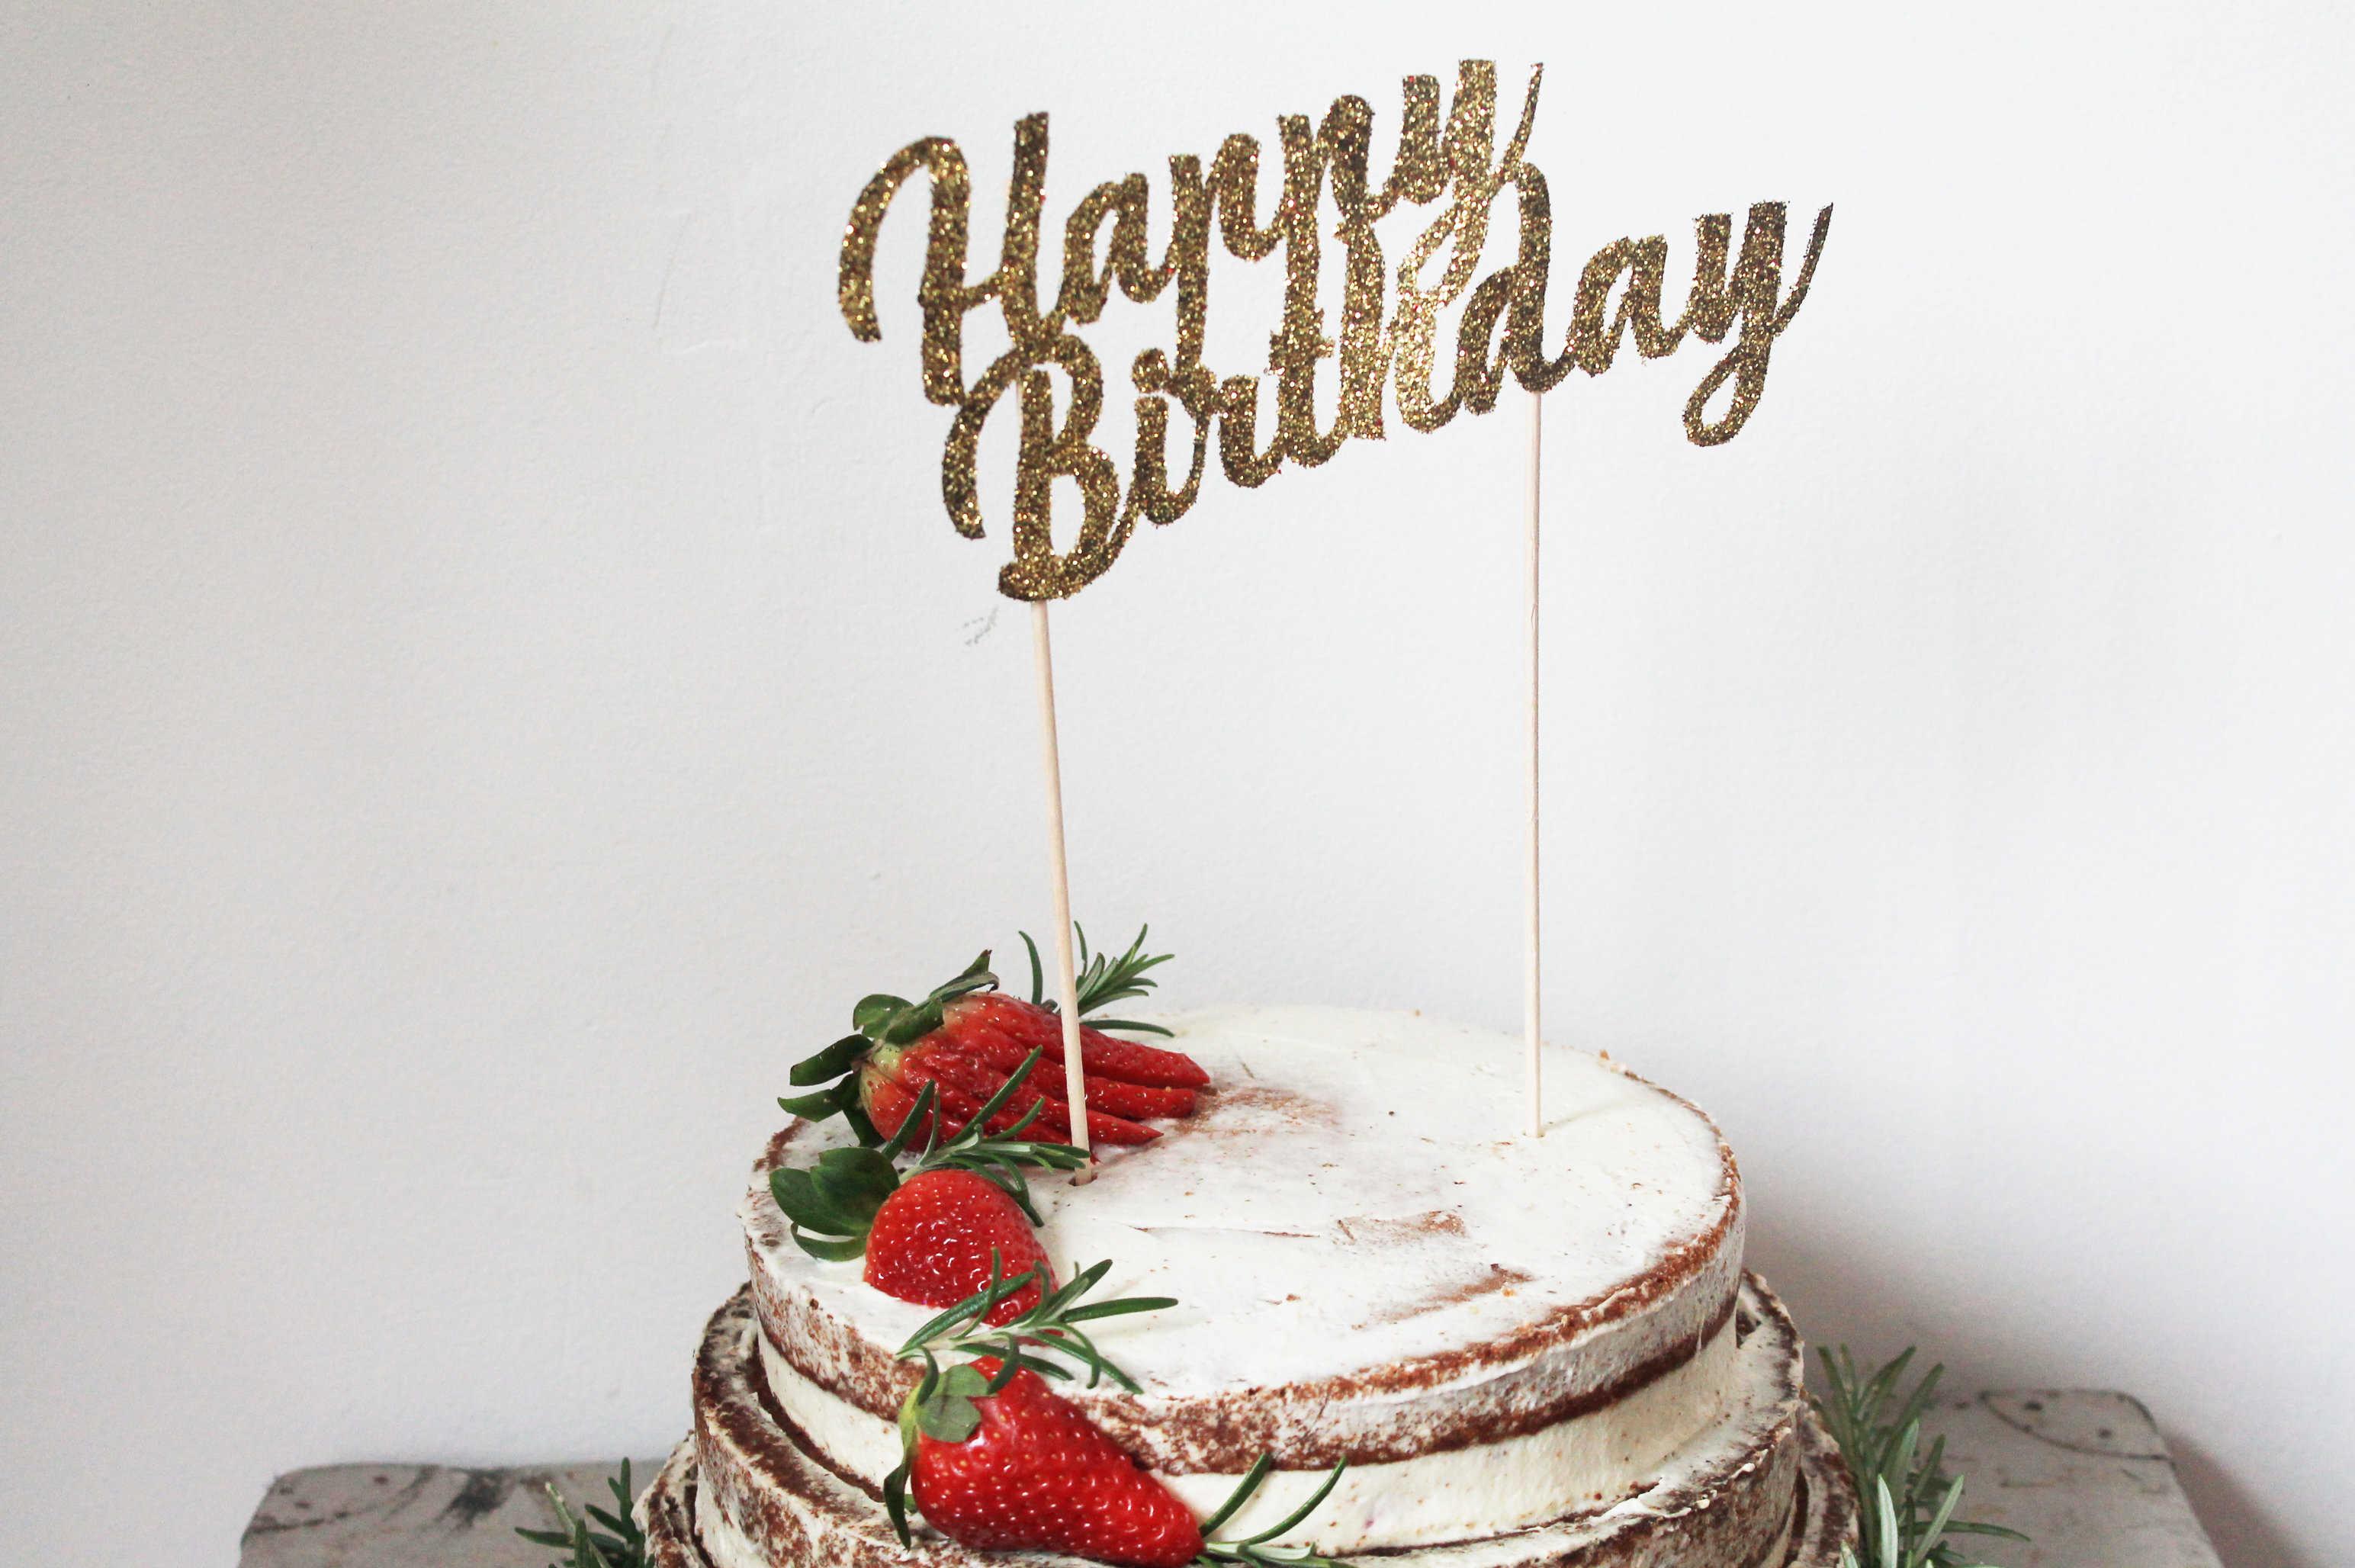 Medium cake6